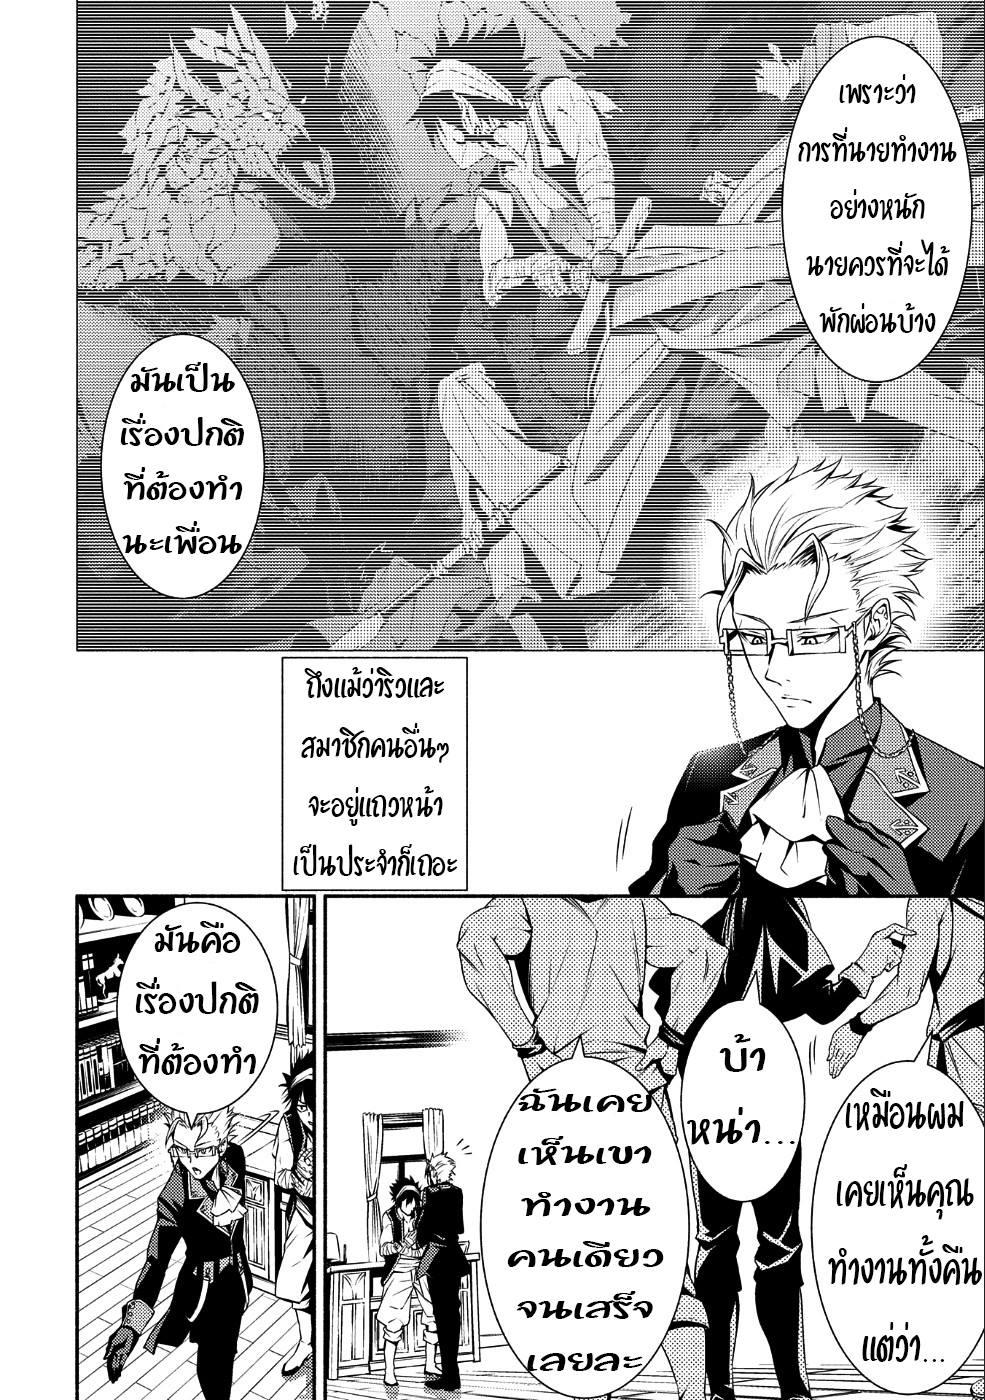 อ่านการ์ตูน Saikyou Party no Zatsuyougakari Ossan wa Muriyari Kyuuka o Tora Sareta you desu ตอนที่ 1 หน้าที่ 9